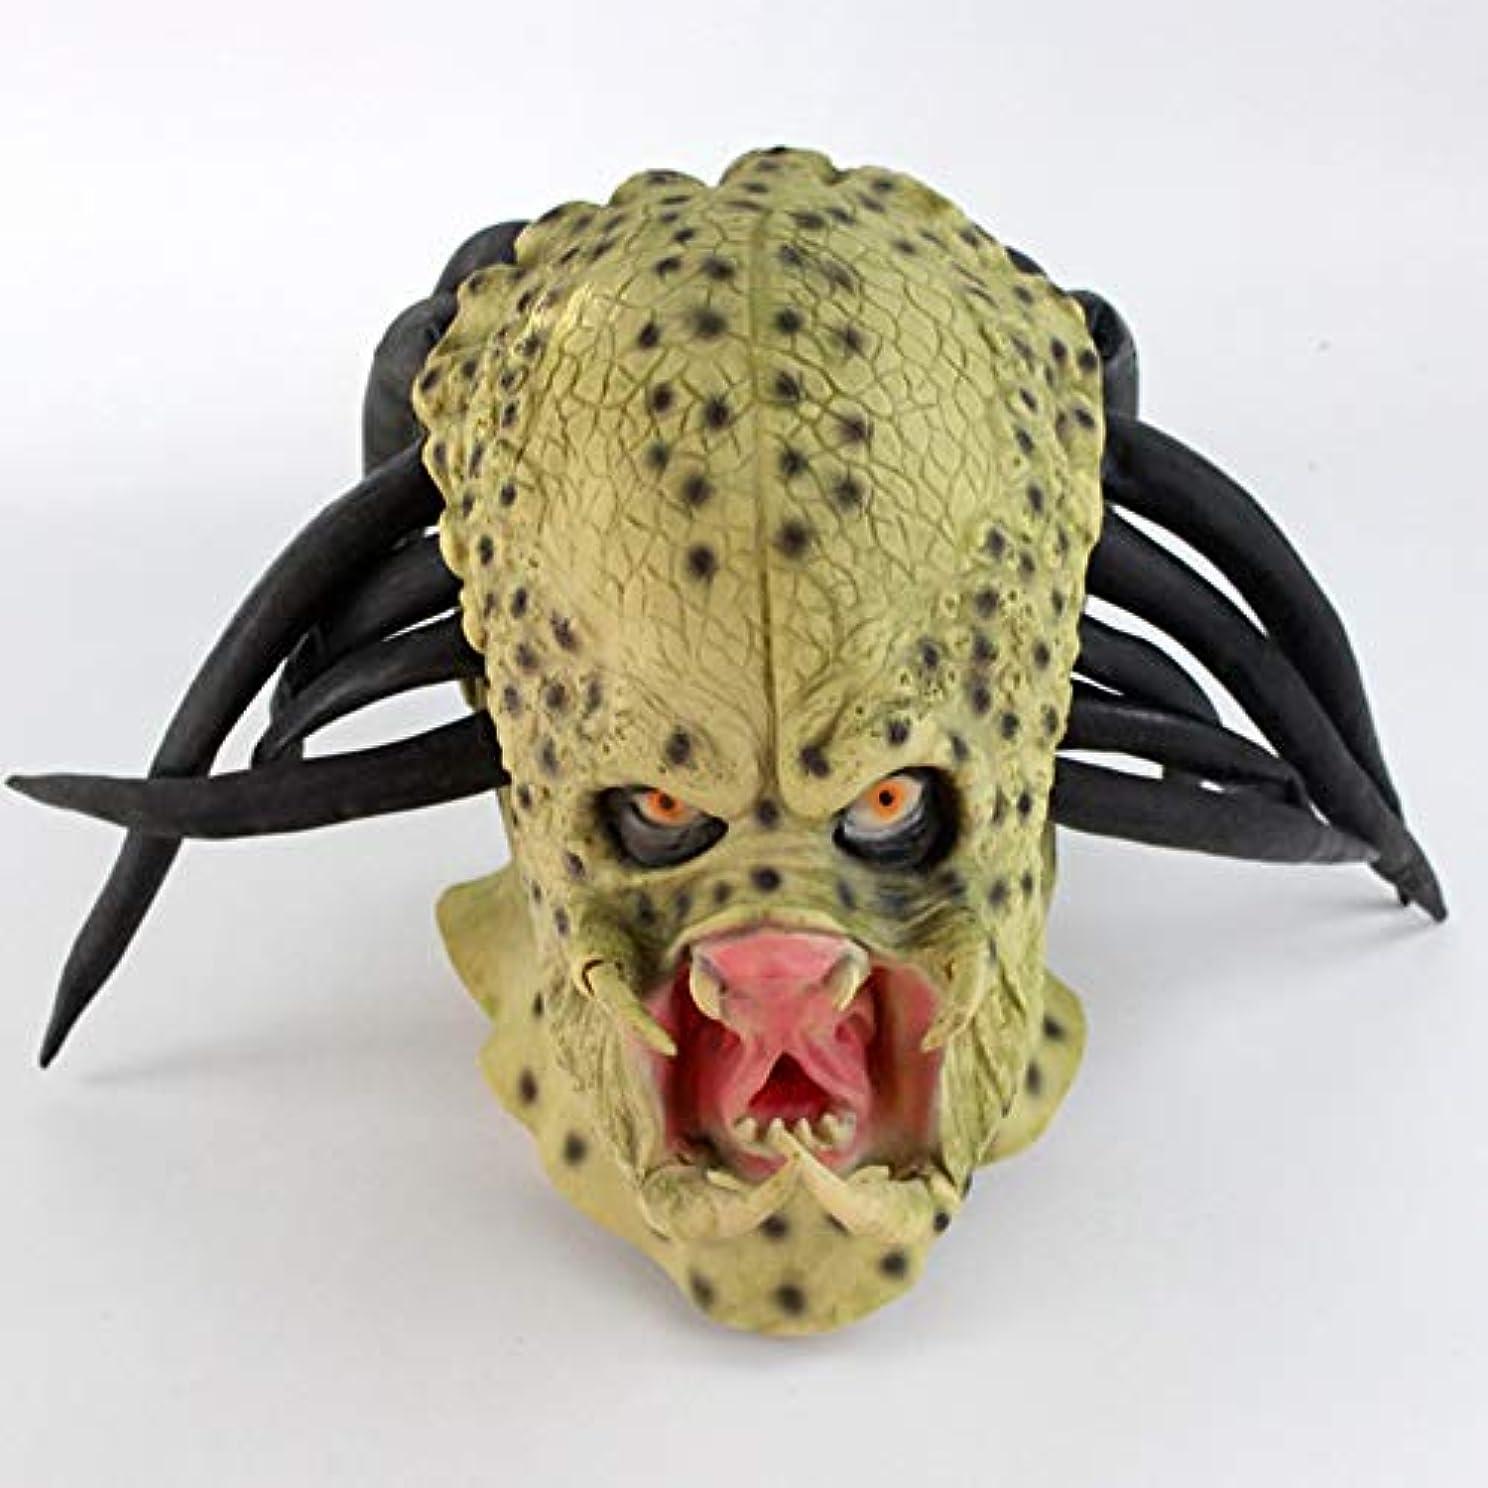 説教する行動きつくハロウィーンホラーマスク、ギザギザの戦士マスク、創造的な Vizard マスク、パーティー仮装マスク